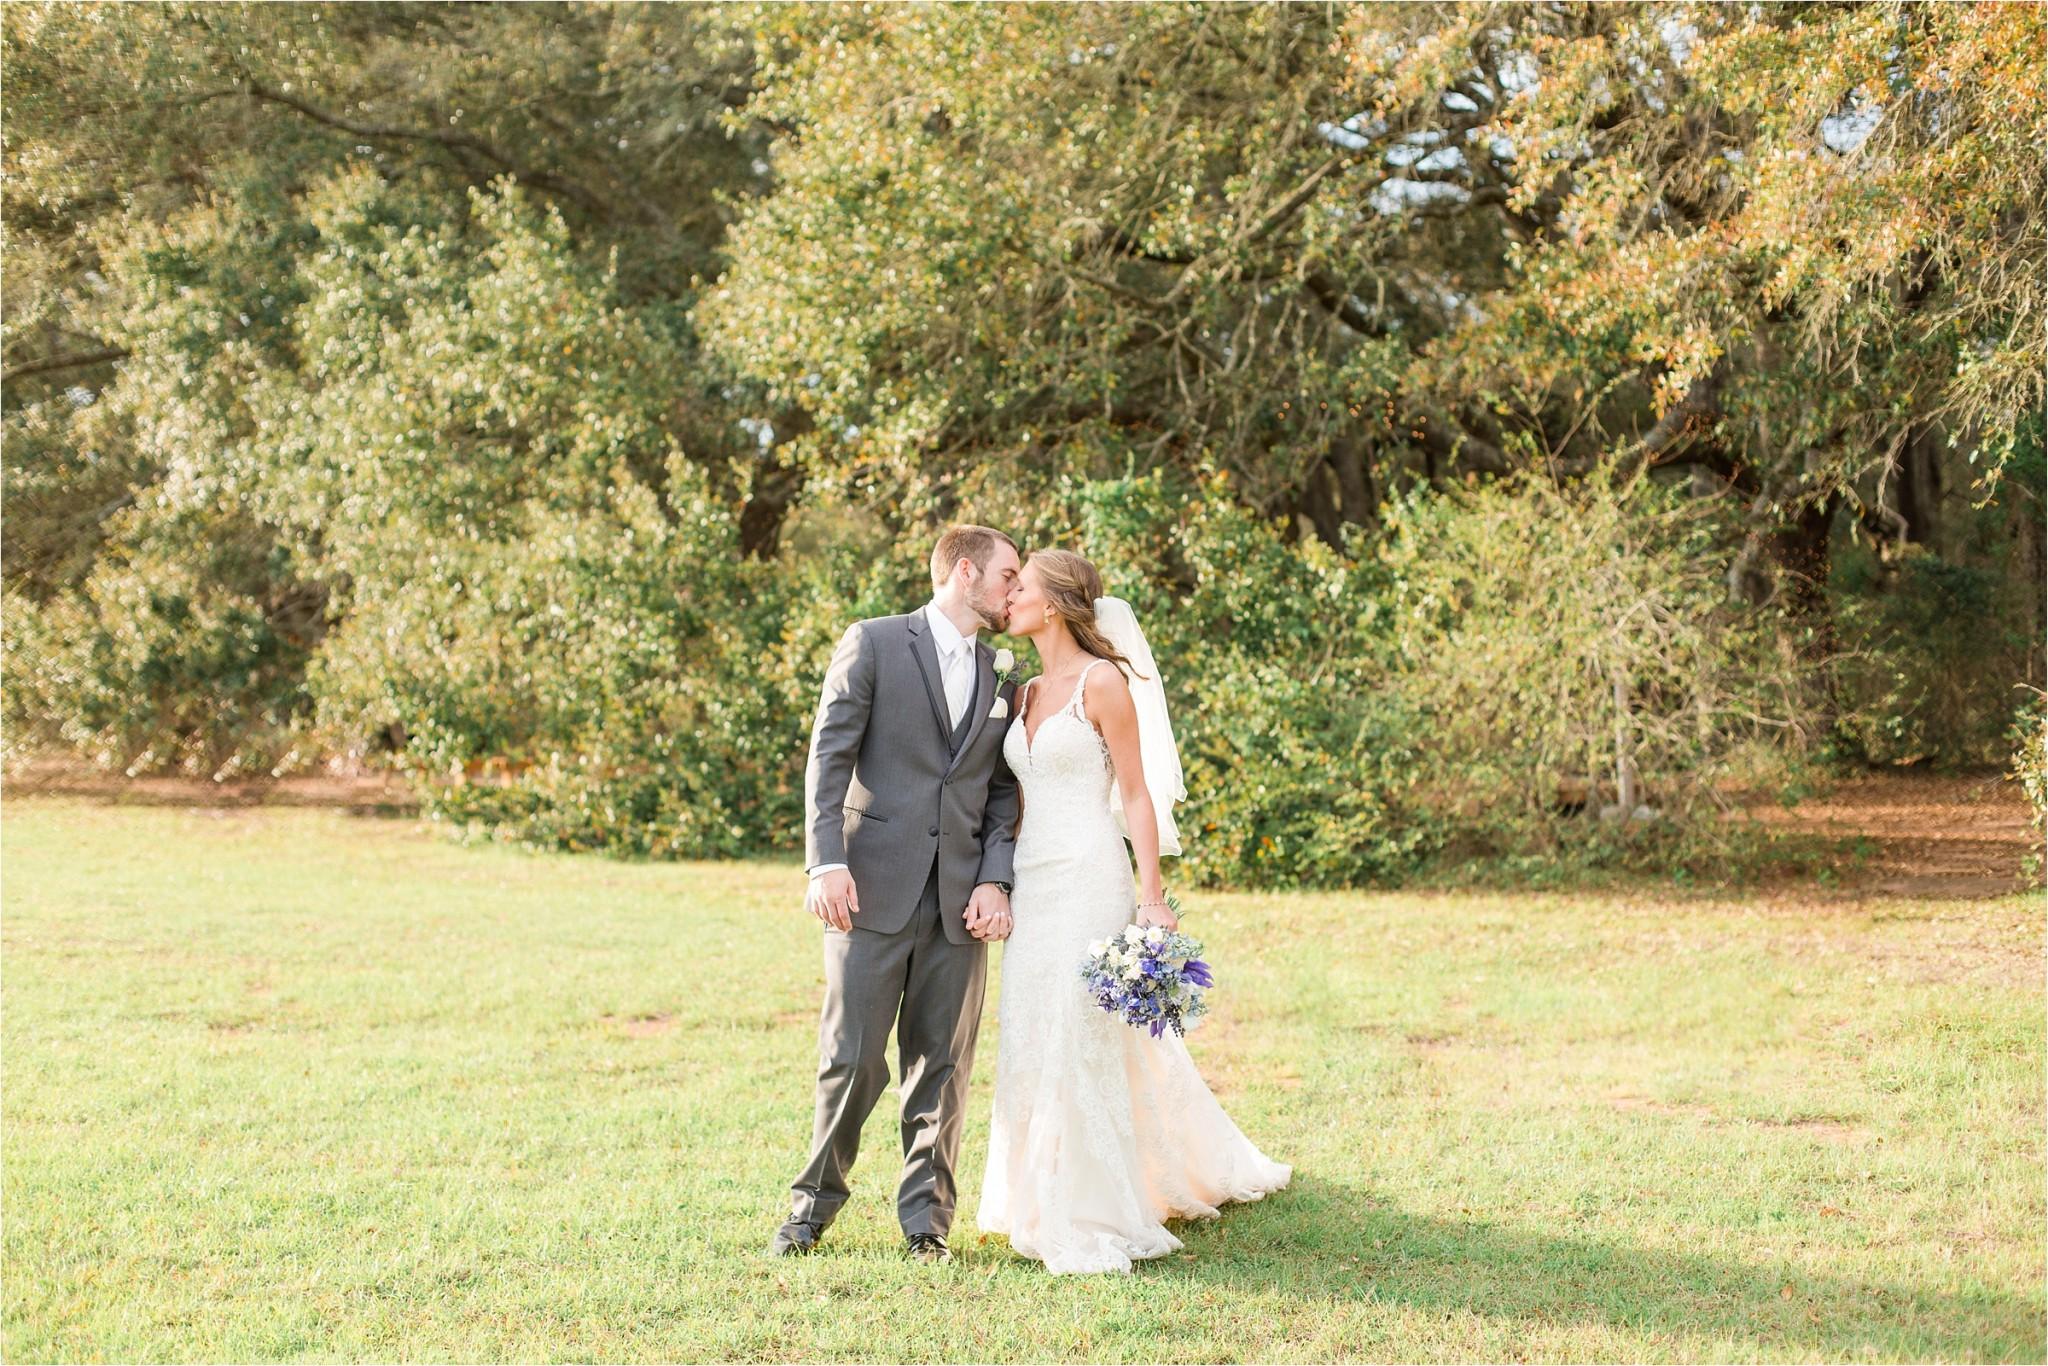 Lewis_Oak_Hollow_Wedding_Fairhope_AL_0066